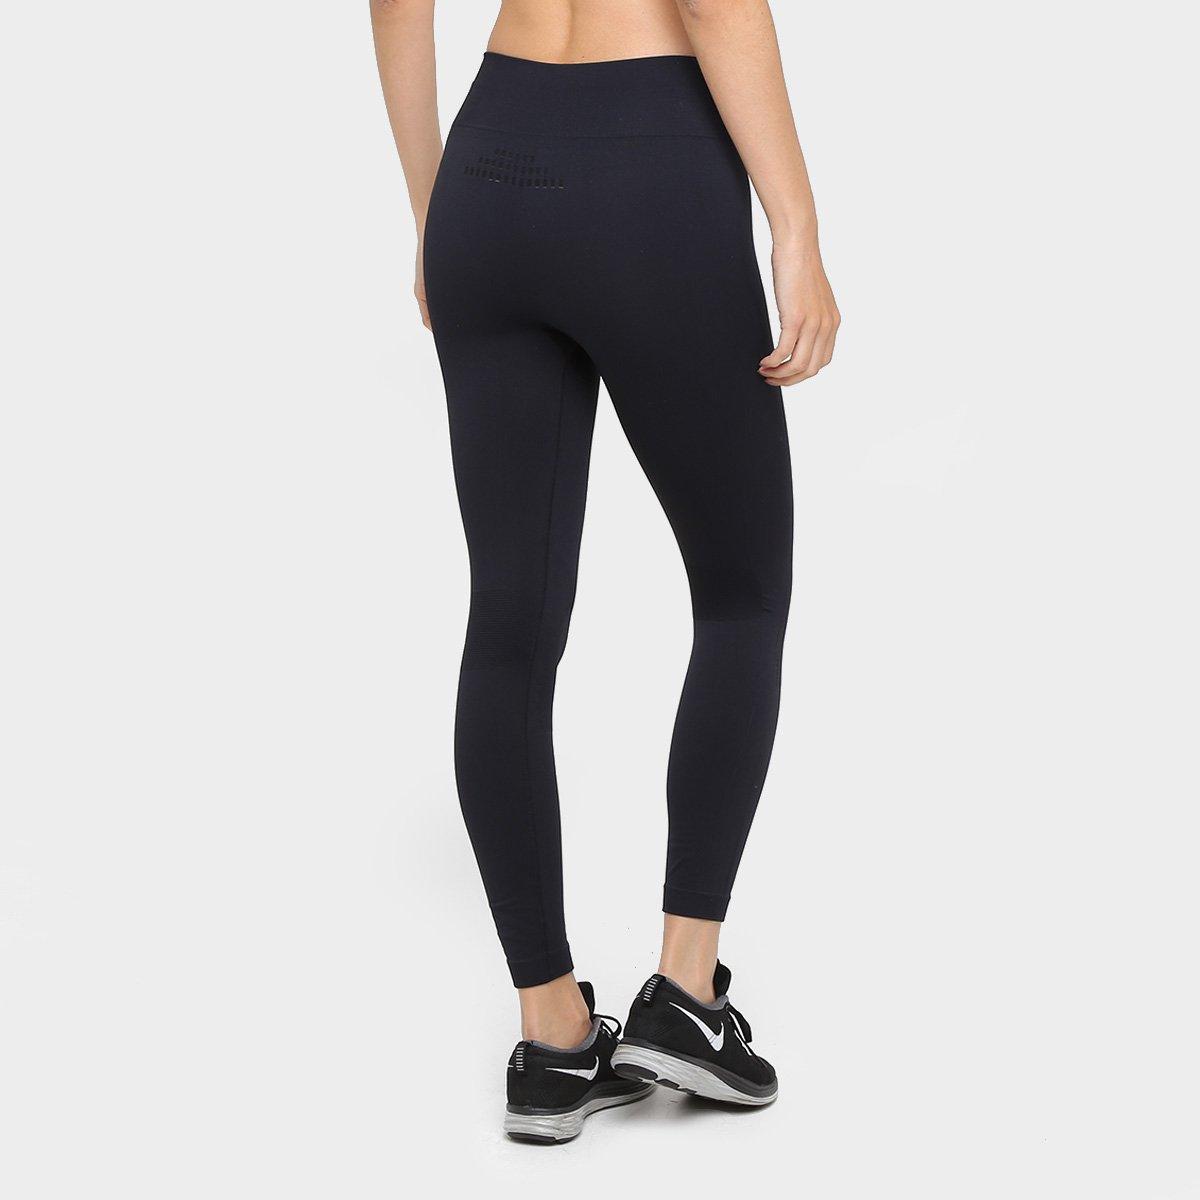 Lupo Calça Run de Feminina X de Calça Compressão Sport Preto 1IFv6q